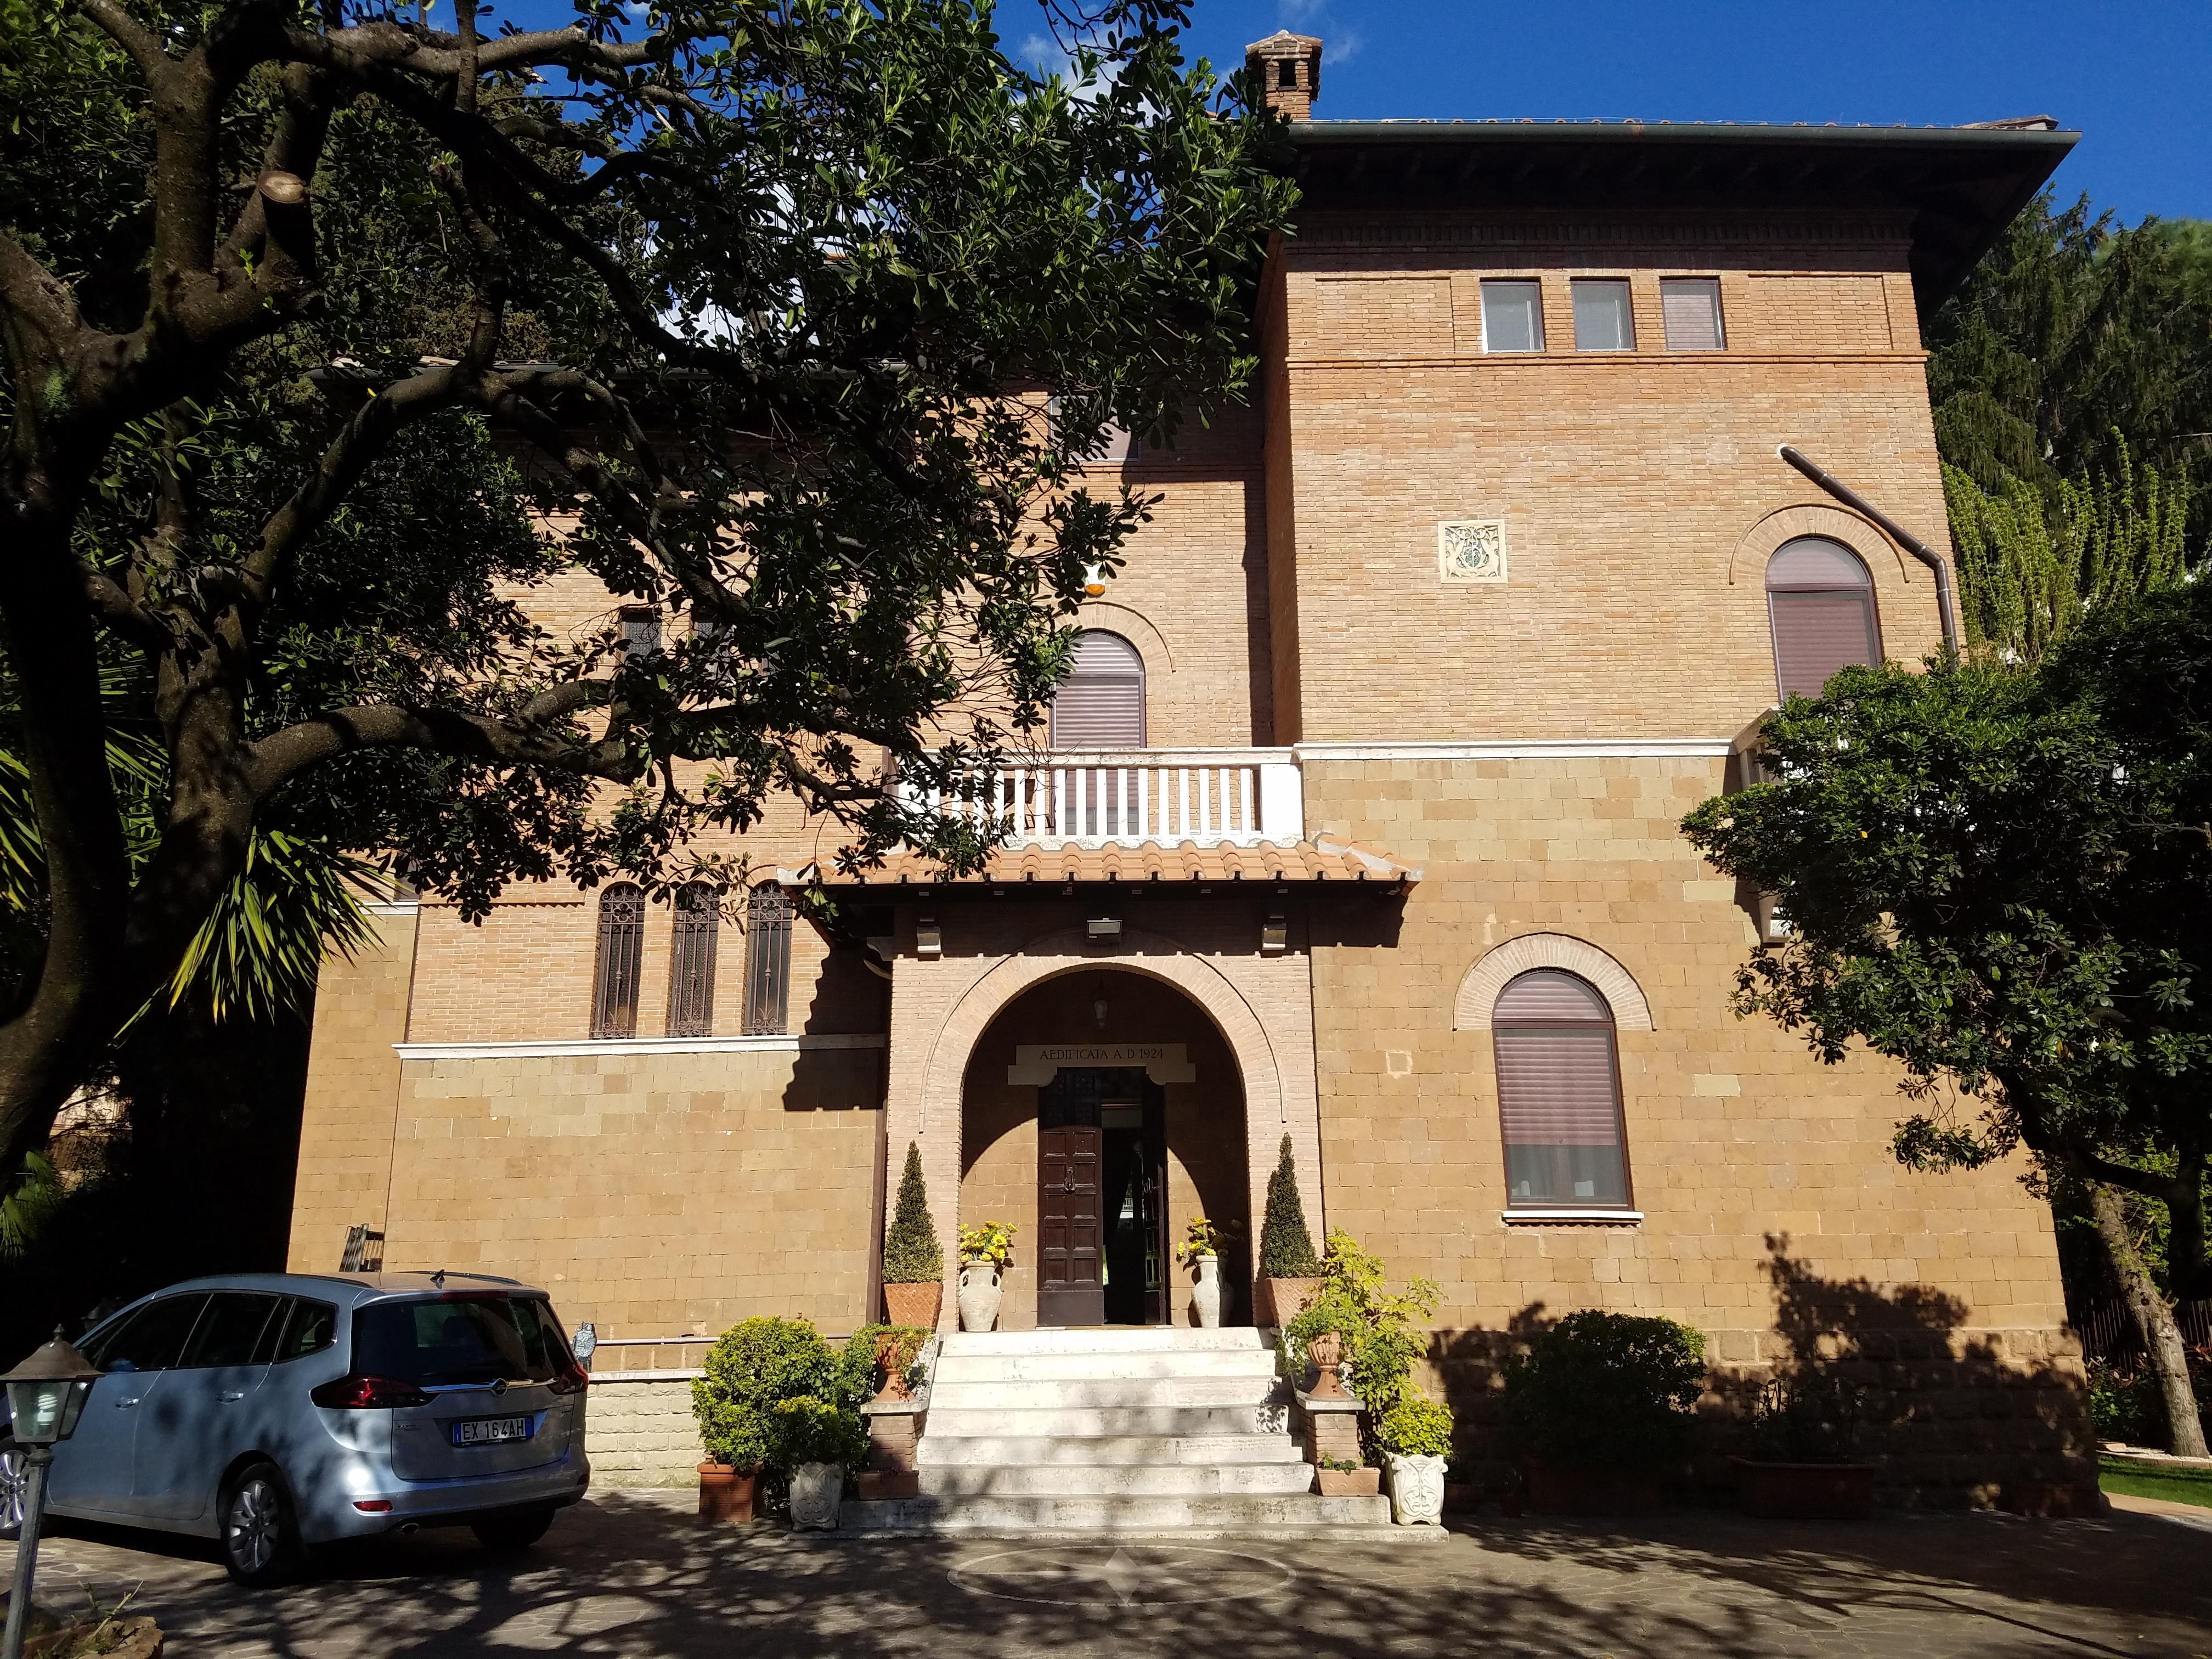 The Italy Rome Mission home, a 1920s villa on Via Cimone in northeastern Rome.